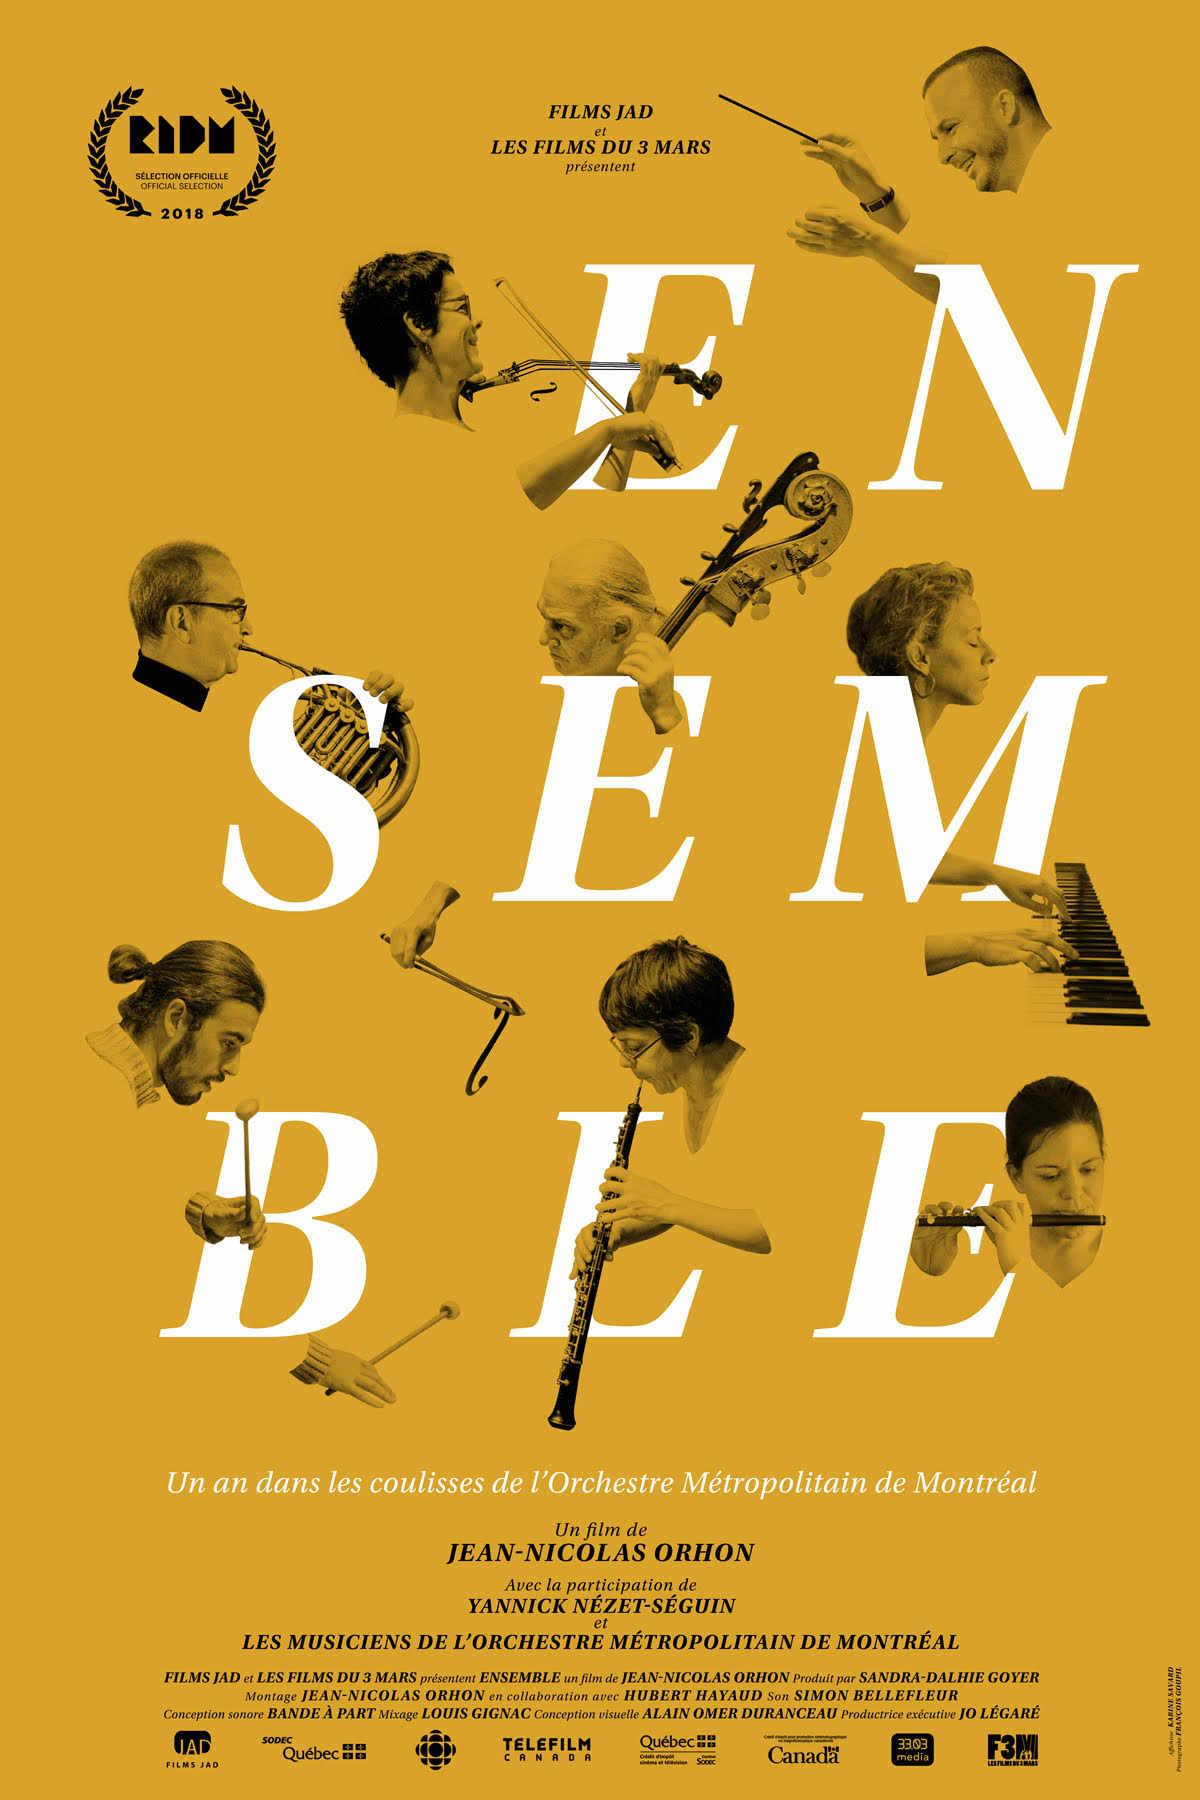 Dévoilement de la bande-annonce du film « Ensemble » de Jean-Nicolas Orhon